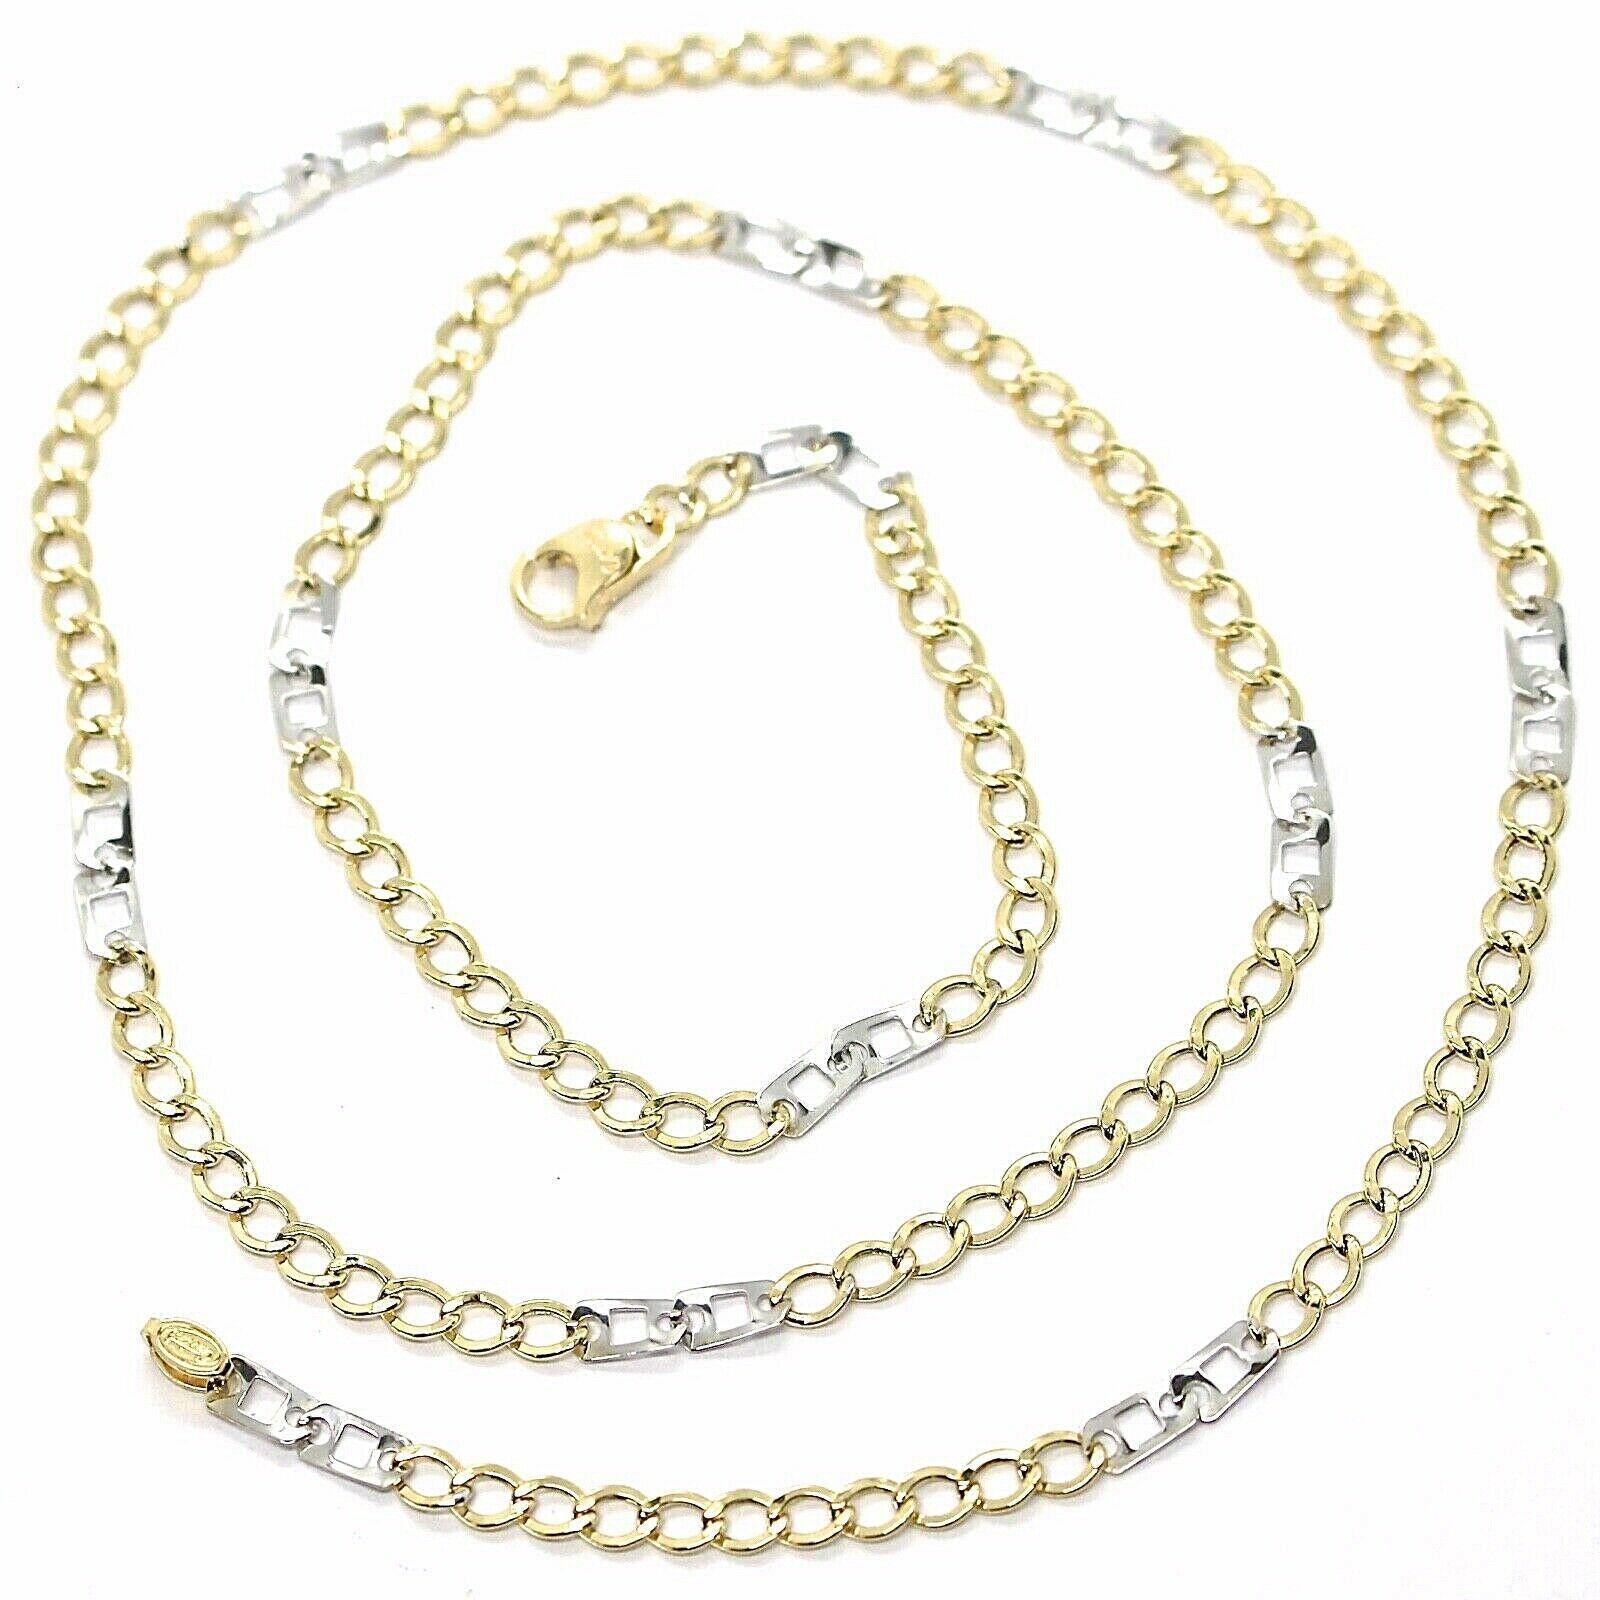 Cadena Oro Amarillo Blanco 750 18K, 50 cm, Groumette Plana y Cuadrado, 3 MM